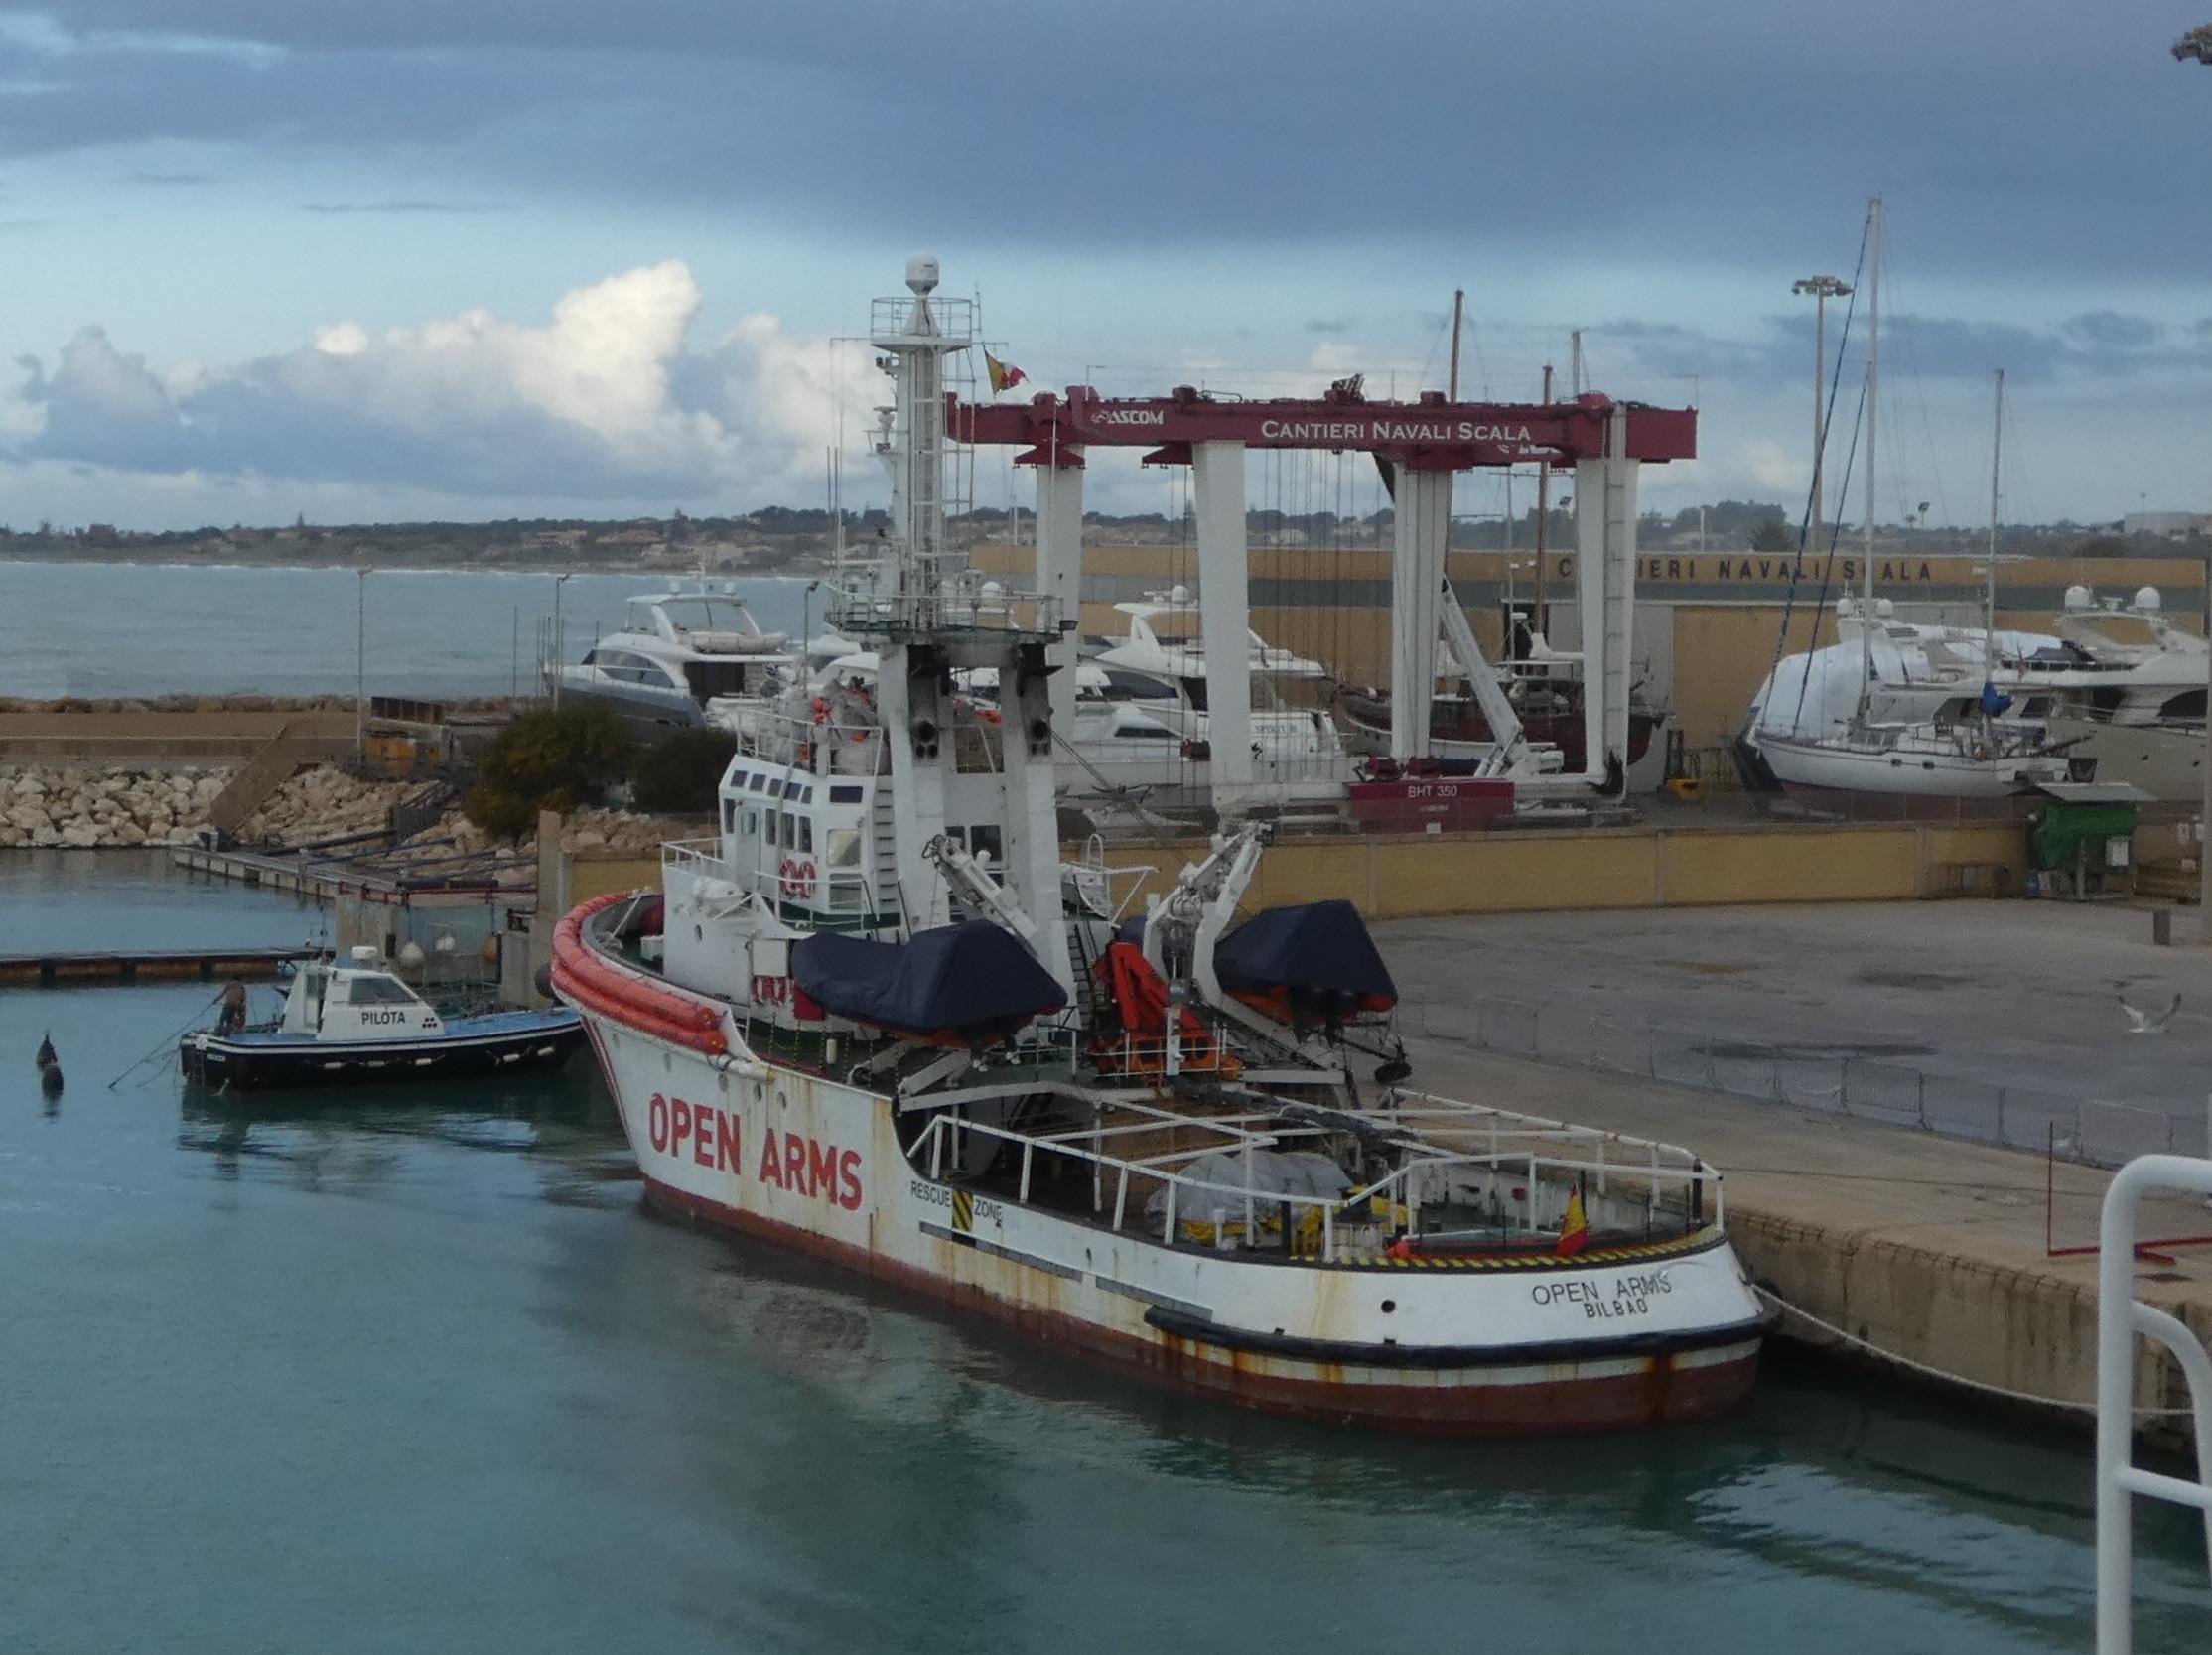 La réforme des retraites des pêcheurs condamne à terme l'avenir de la profession